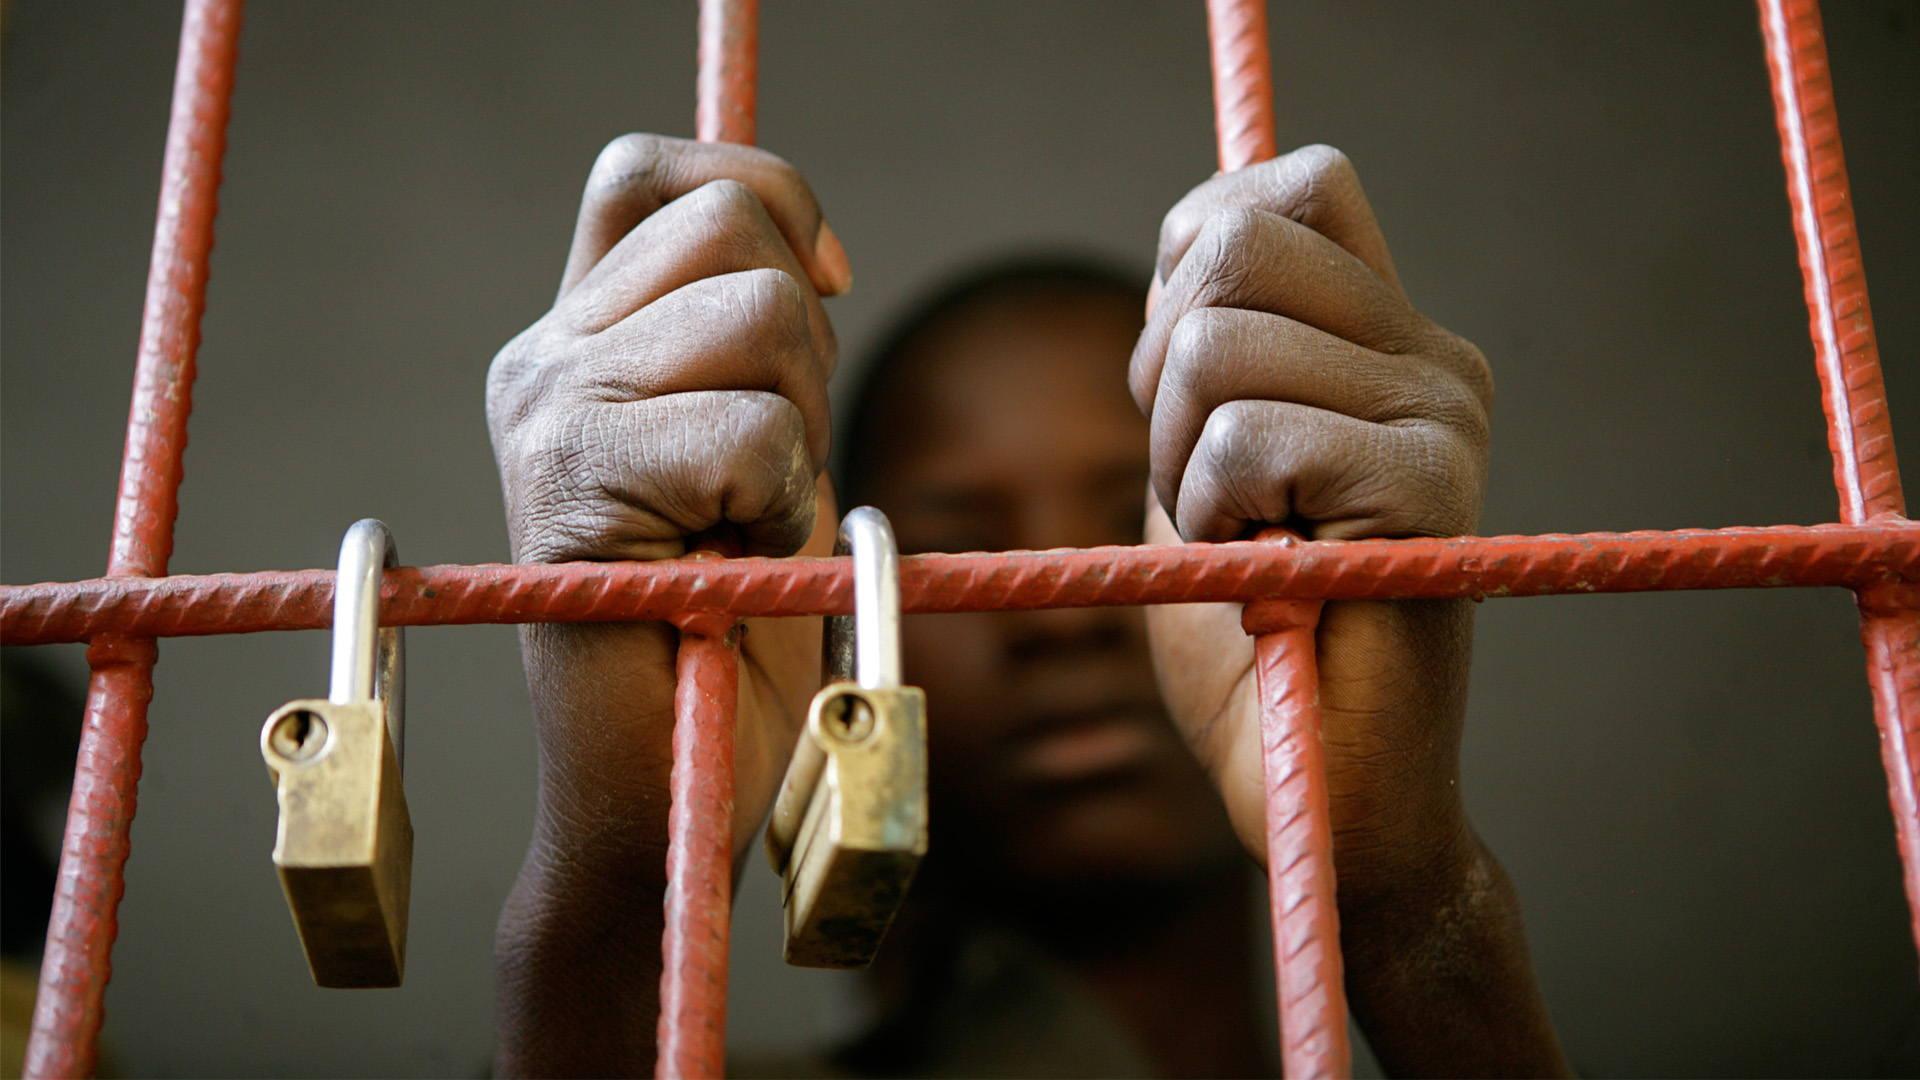 El organismo instó a que se eleve la edad a partir de la cual los adolescentes pueden recibir penas judiciales